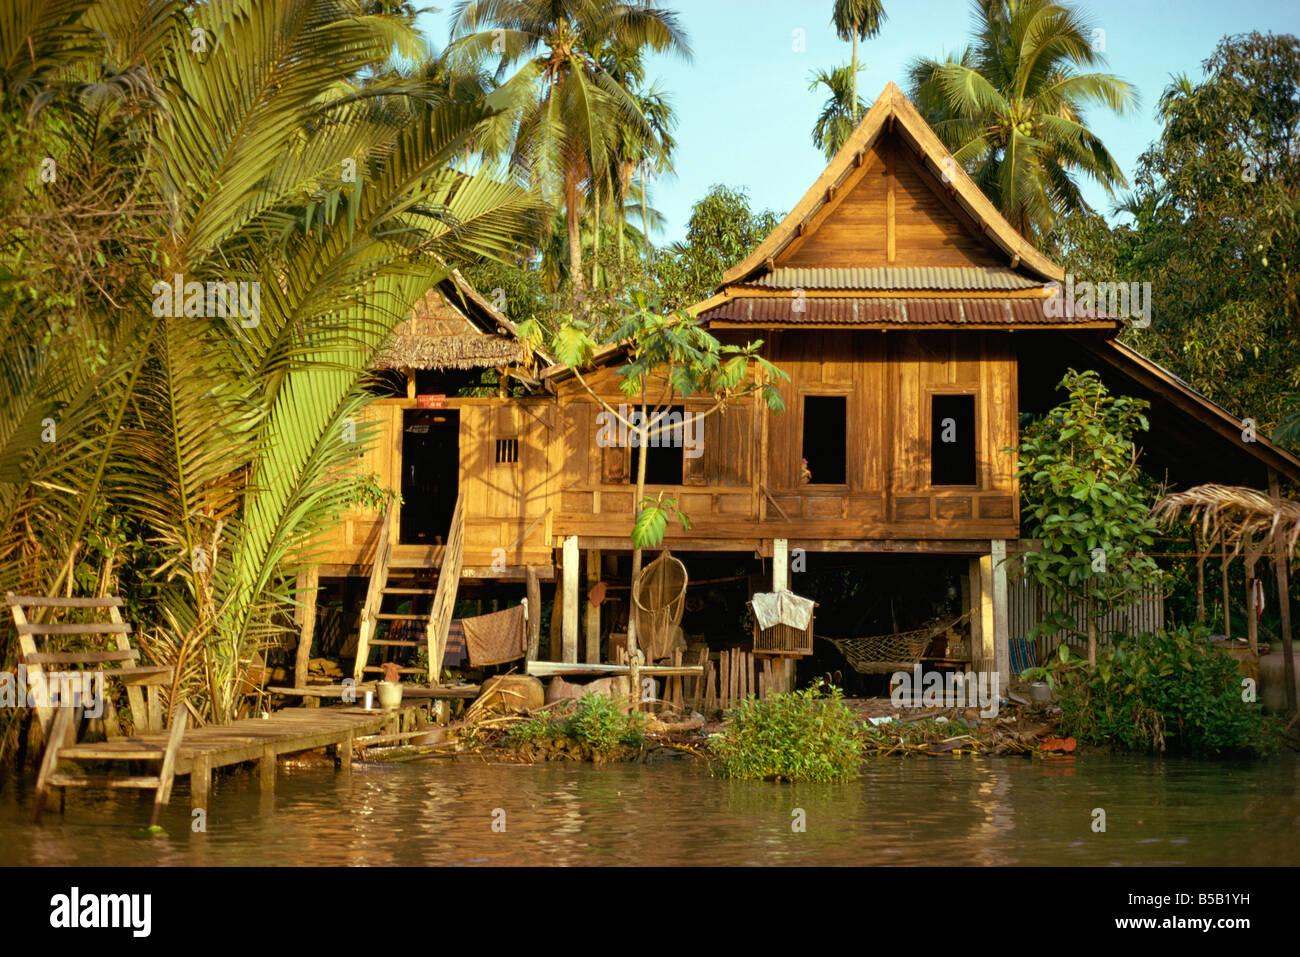 Sympathisch Haus Auf Stelzen Referenz Von Eine Traditionelle Thai- über Dem S In